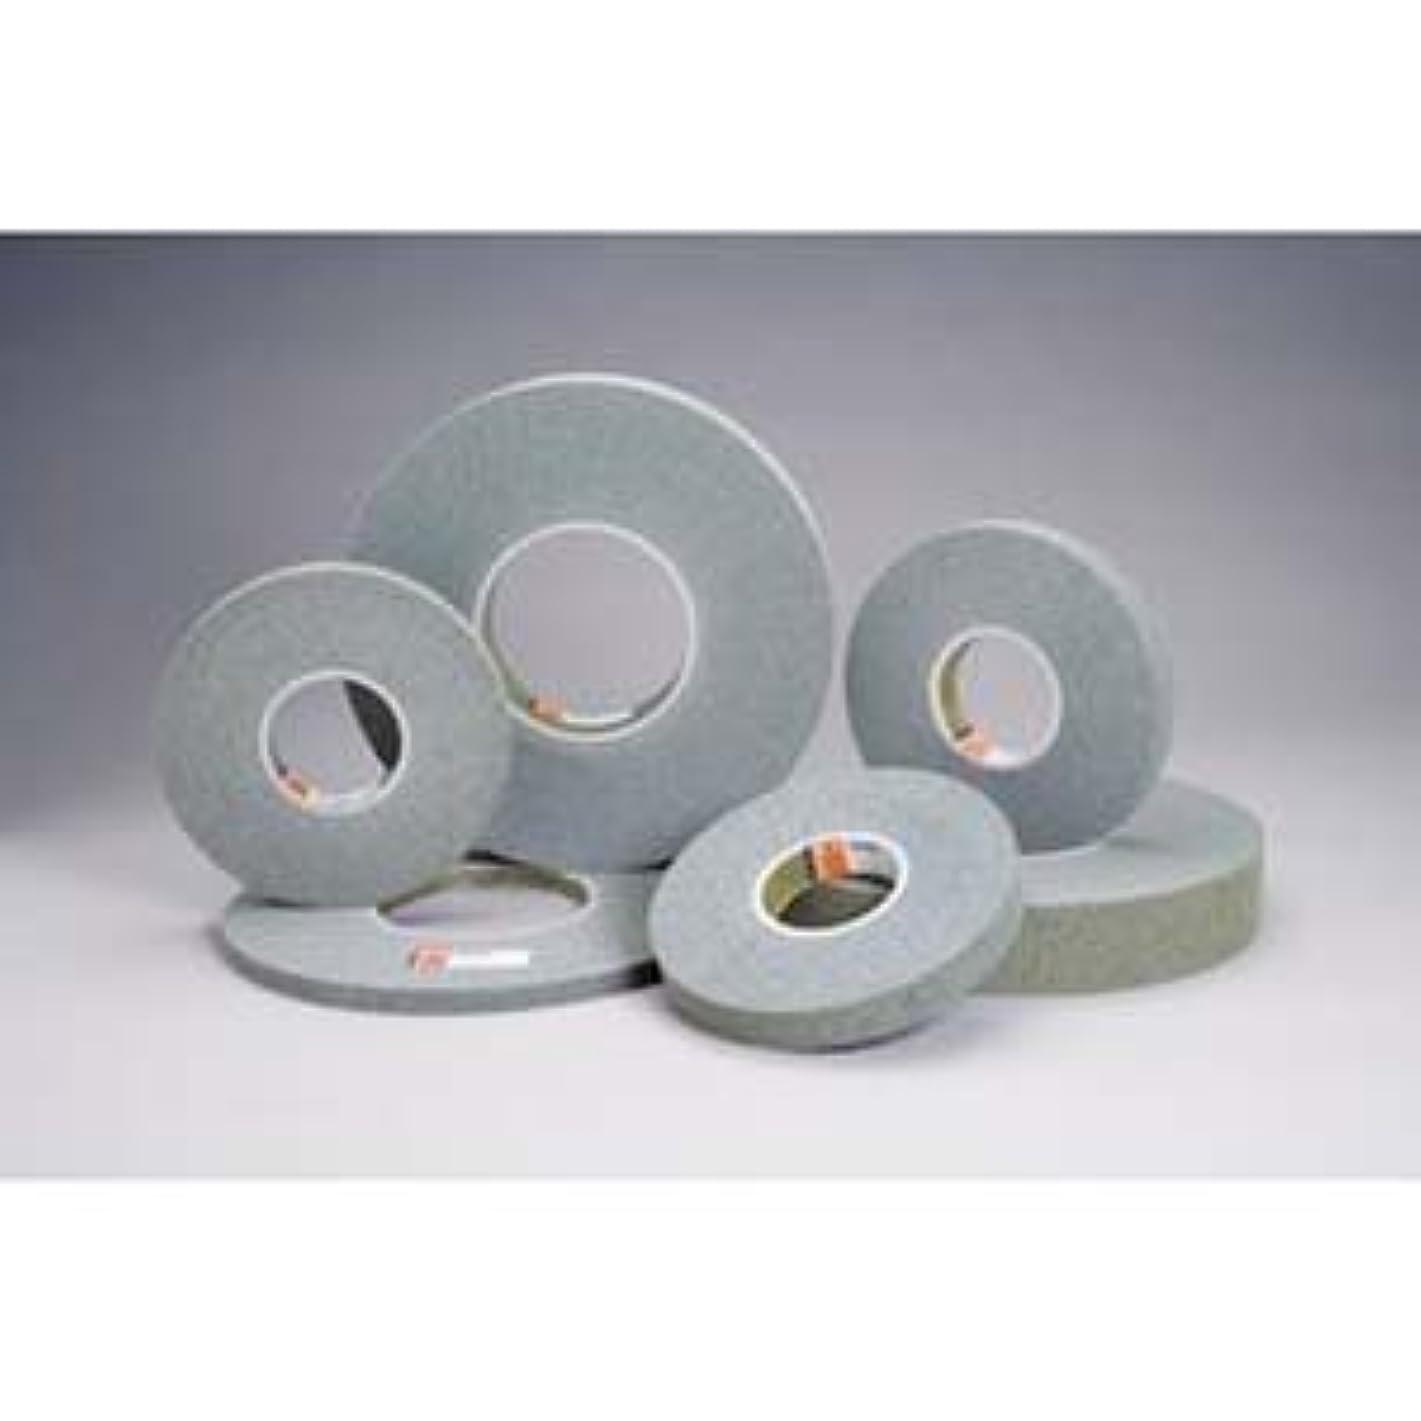 Standard Abrasives GP Plus Wheel 855953, 12 in x 1 in x 5 in 10S FIN, 2/Case (1 Case)